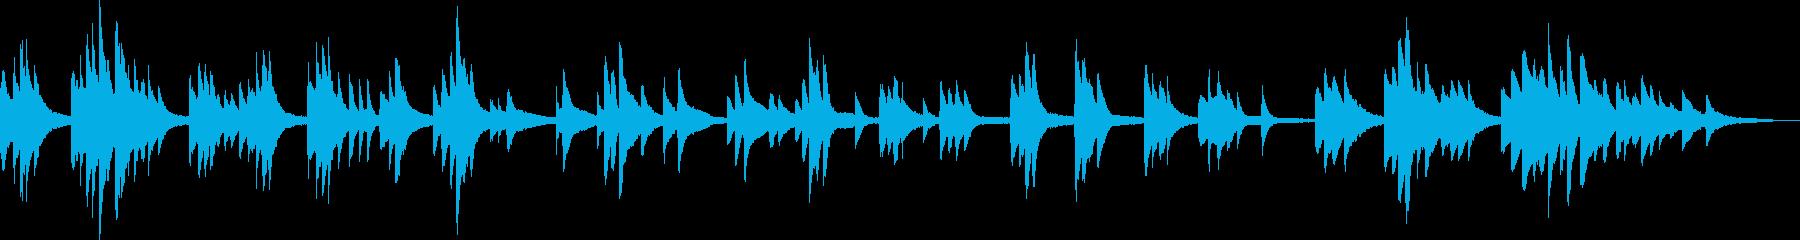 平凡で幸せな日常(ピアノ)の再生済みの波形